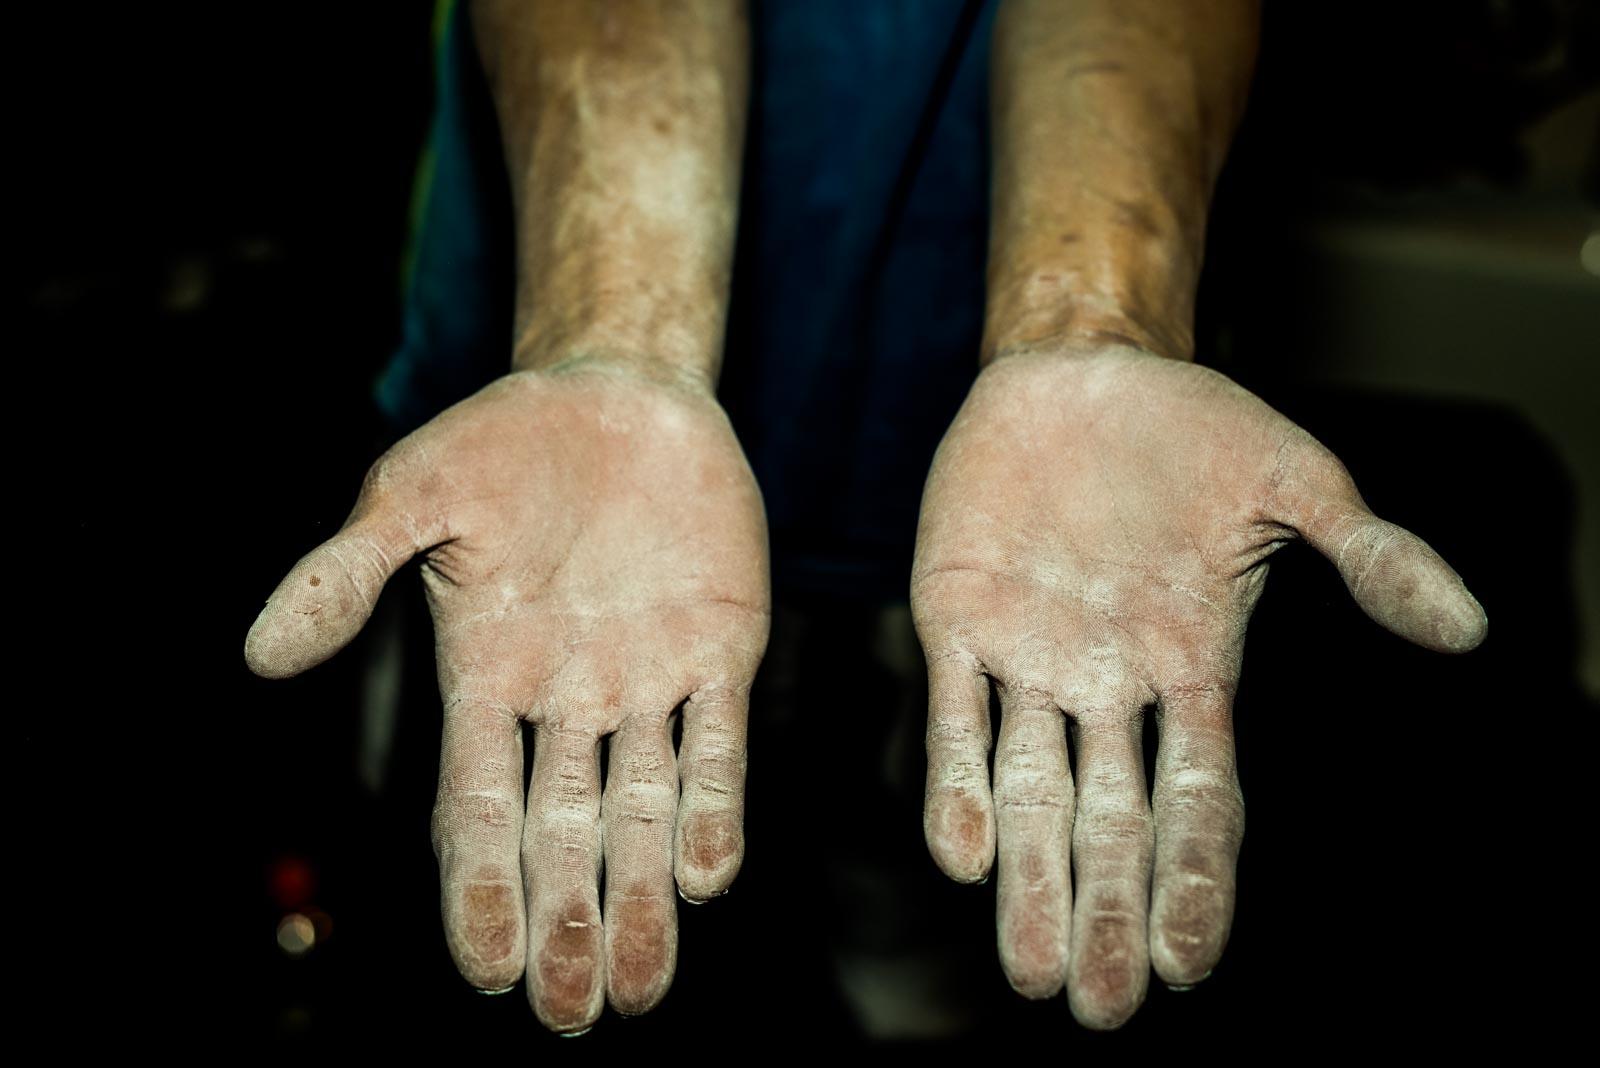 Hands of Korean climber Jongwon Chon